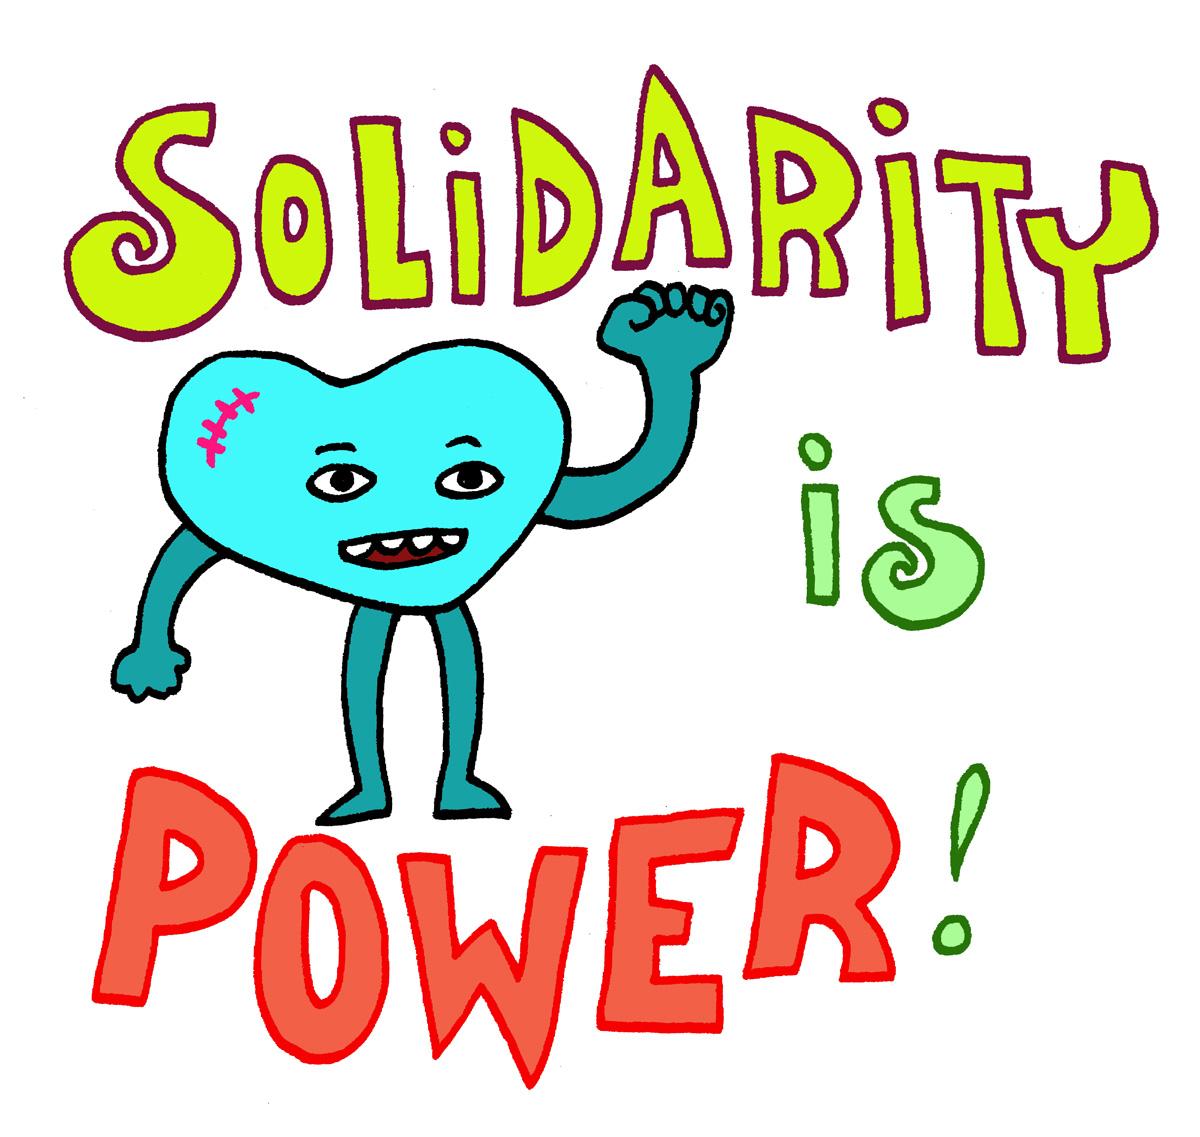 solidarity에 대한 이미지 검색결과